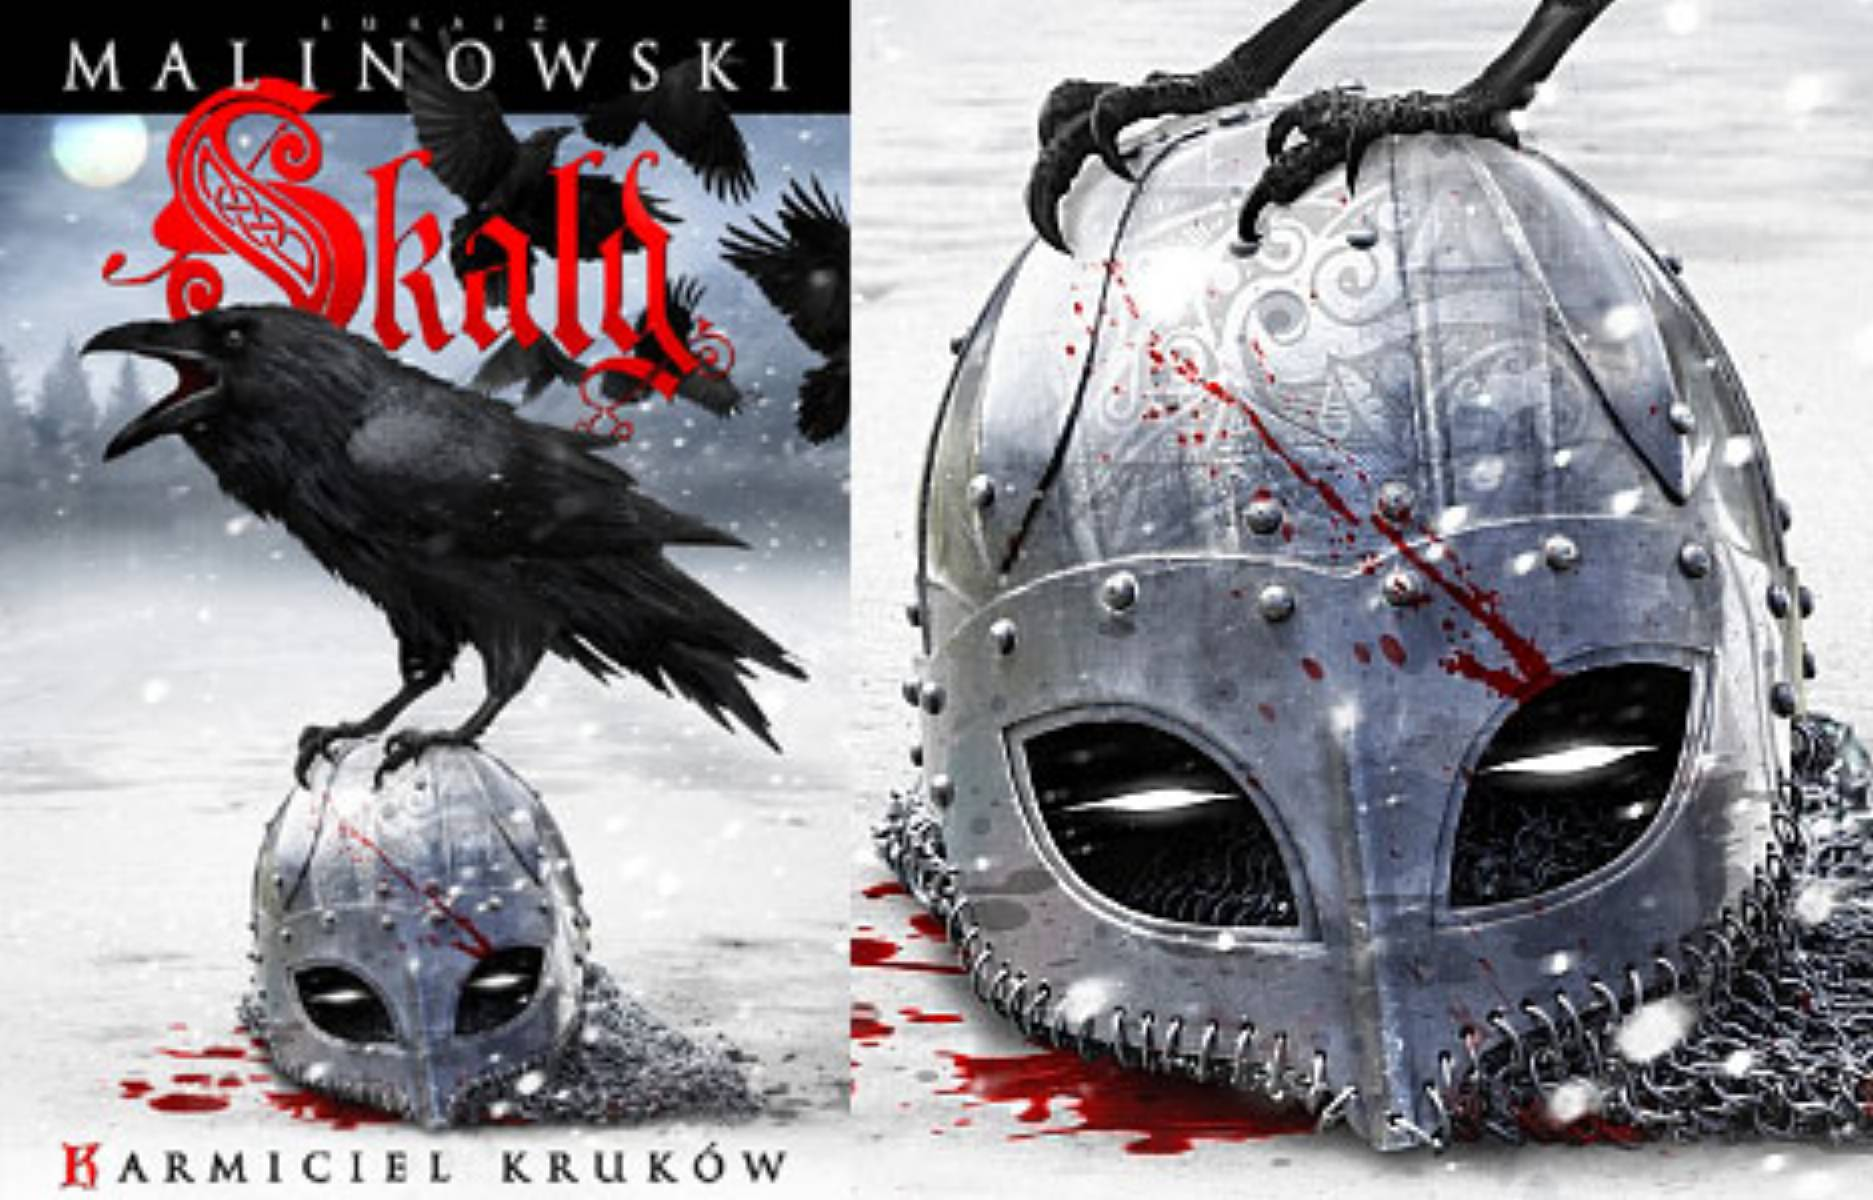 Skald. Karmiciel krukow - Lukasz Malinowski